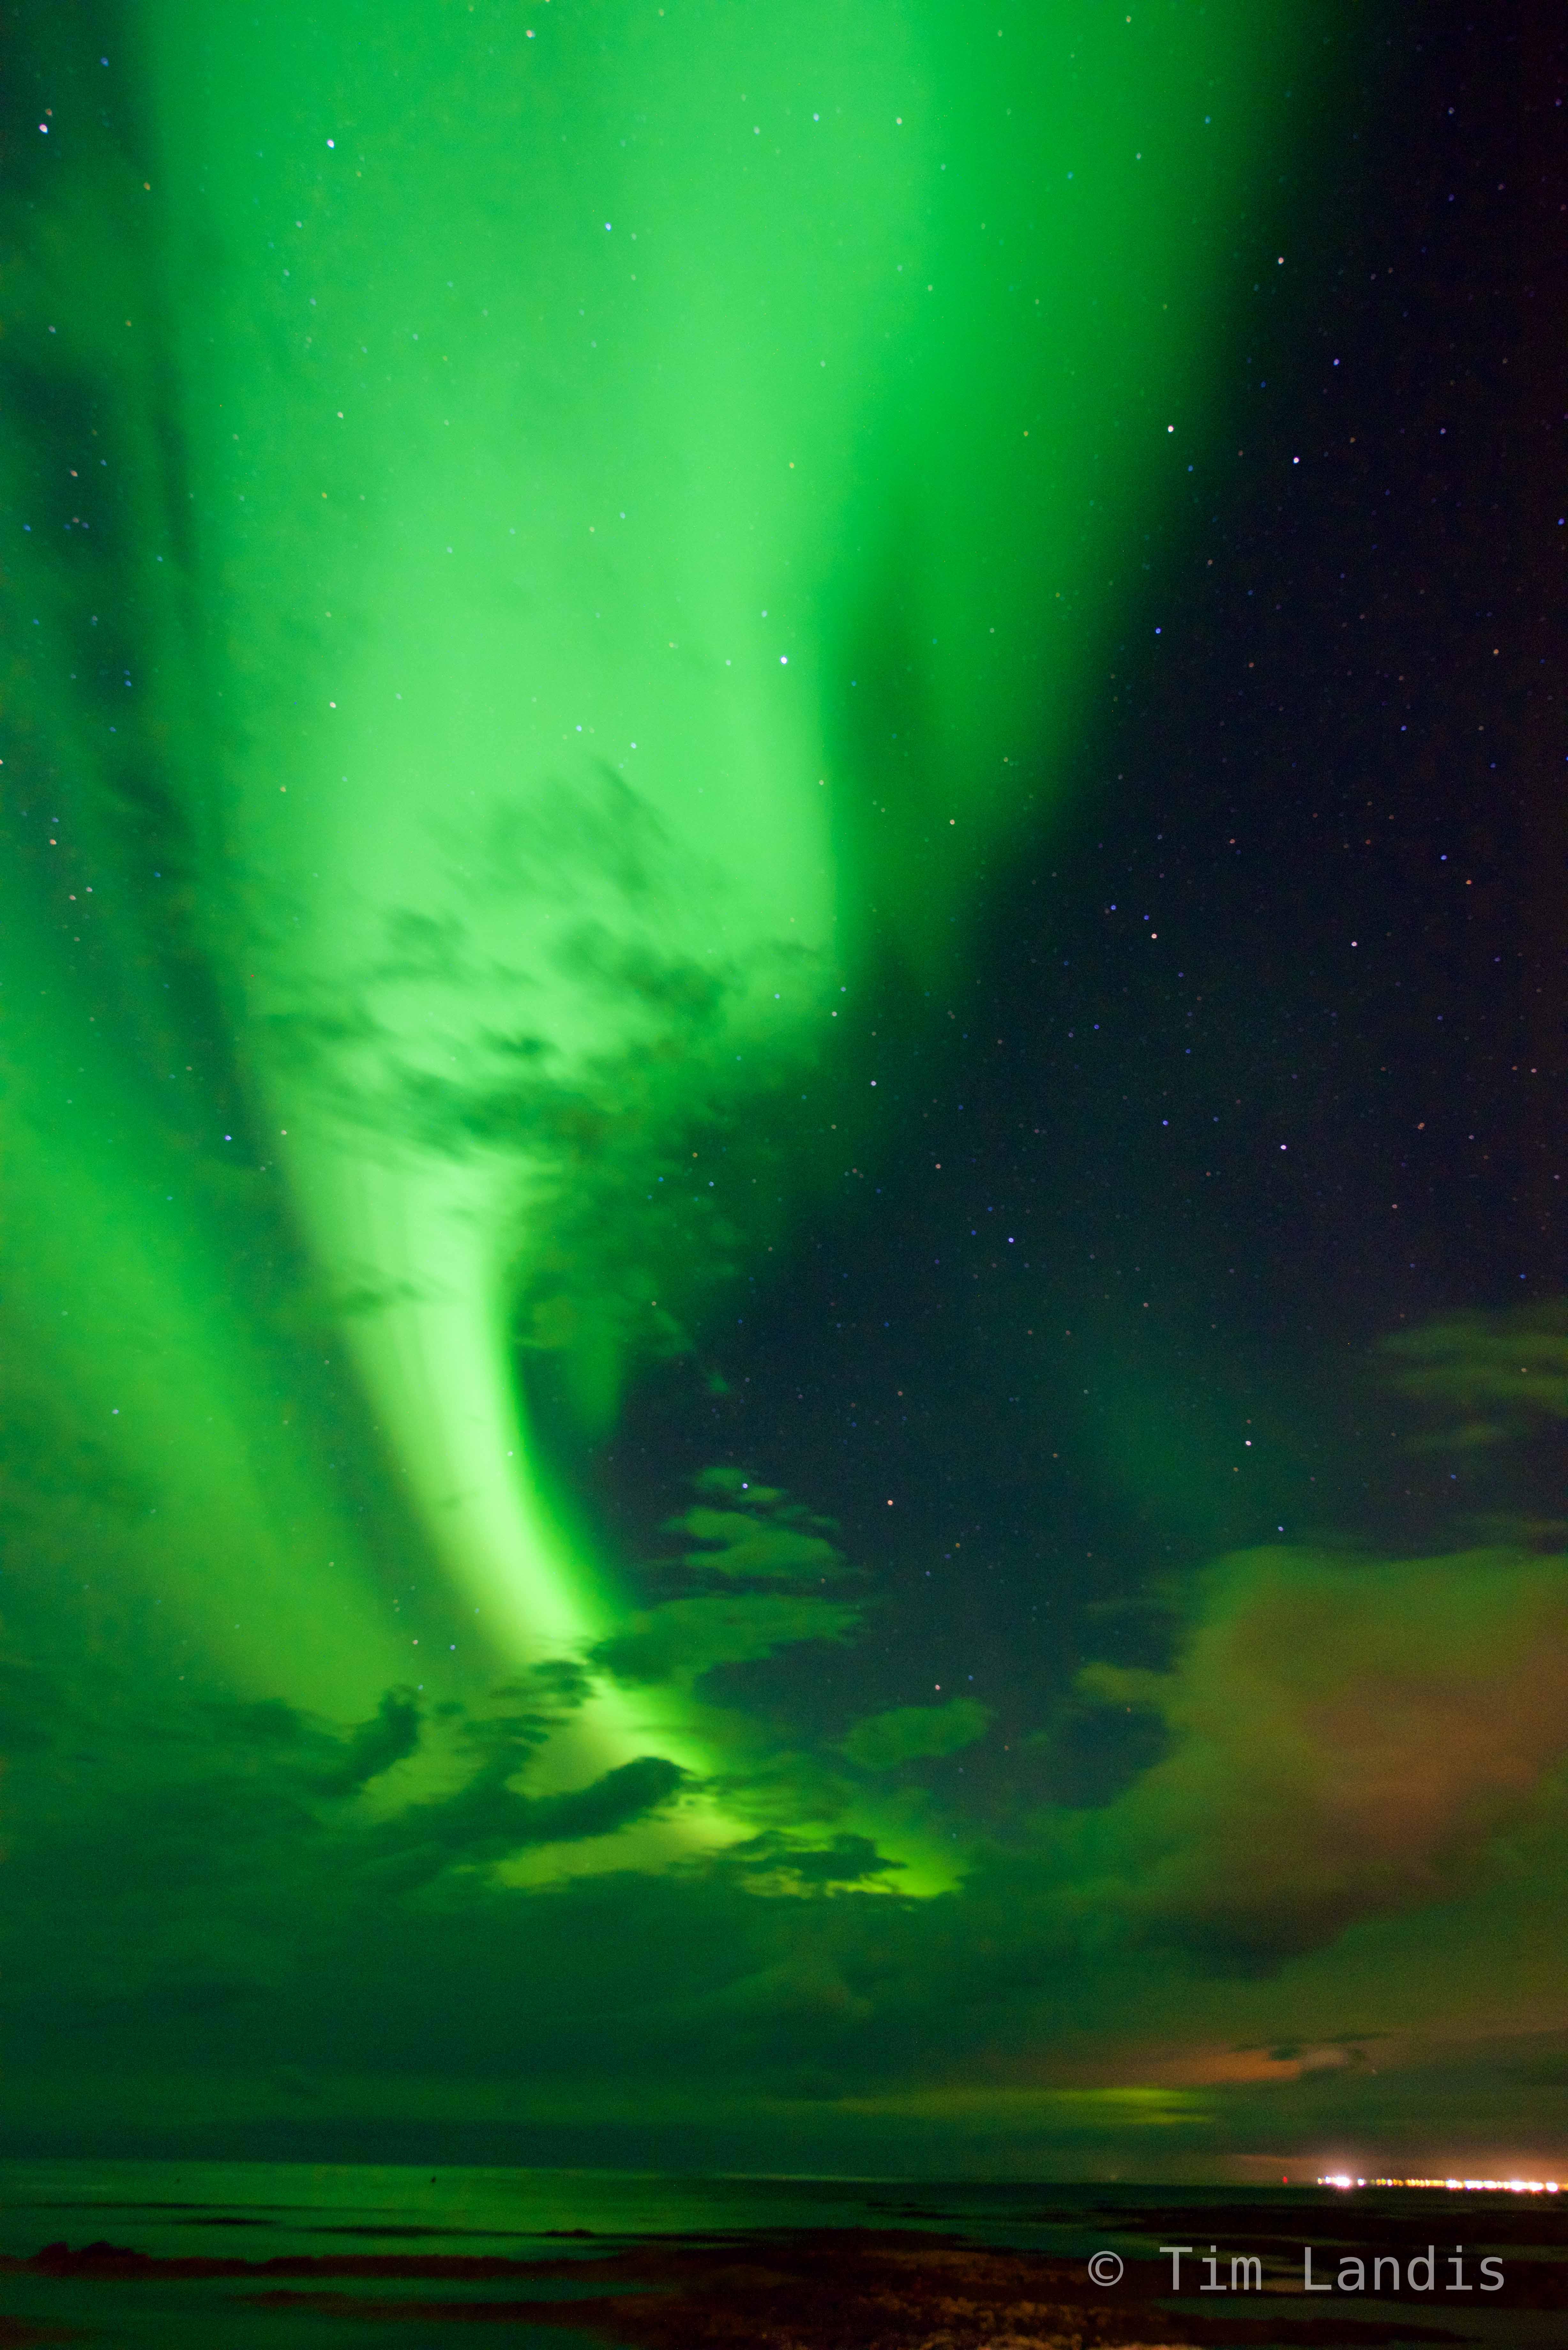 Iceland, aurora borealis, green plasma, photo